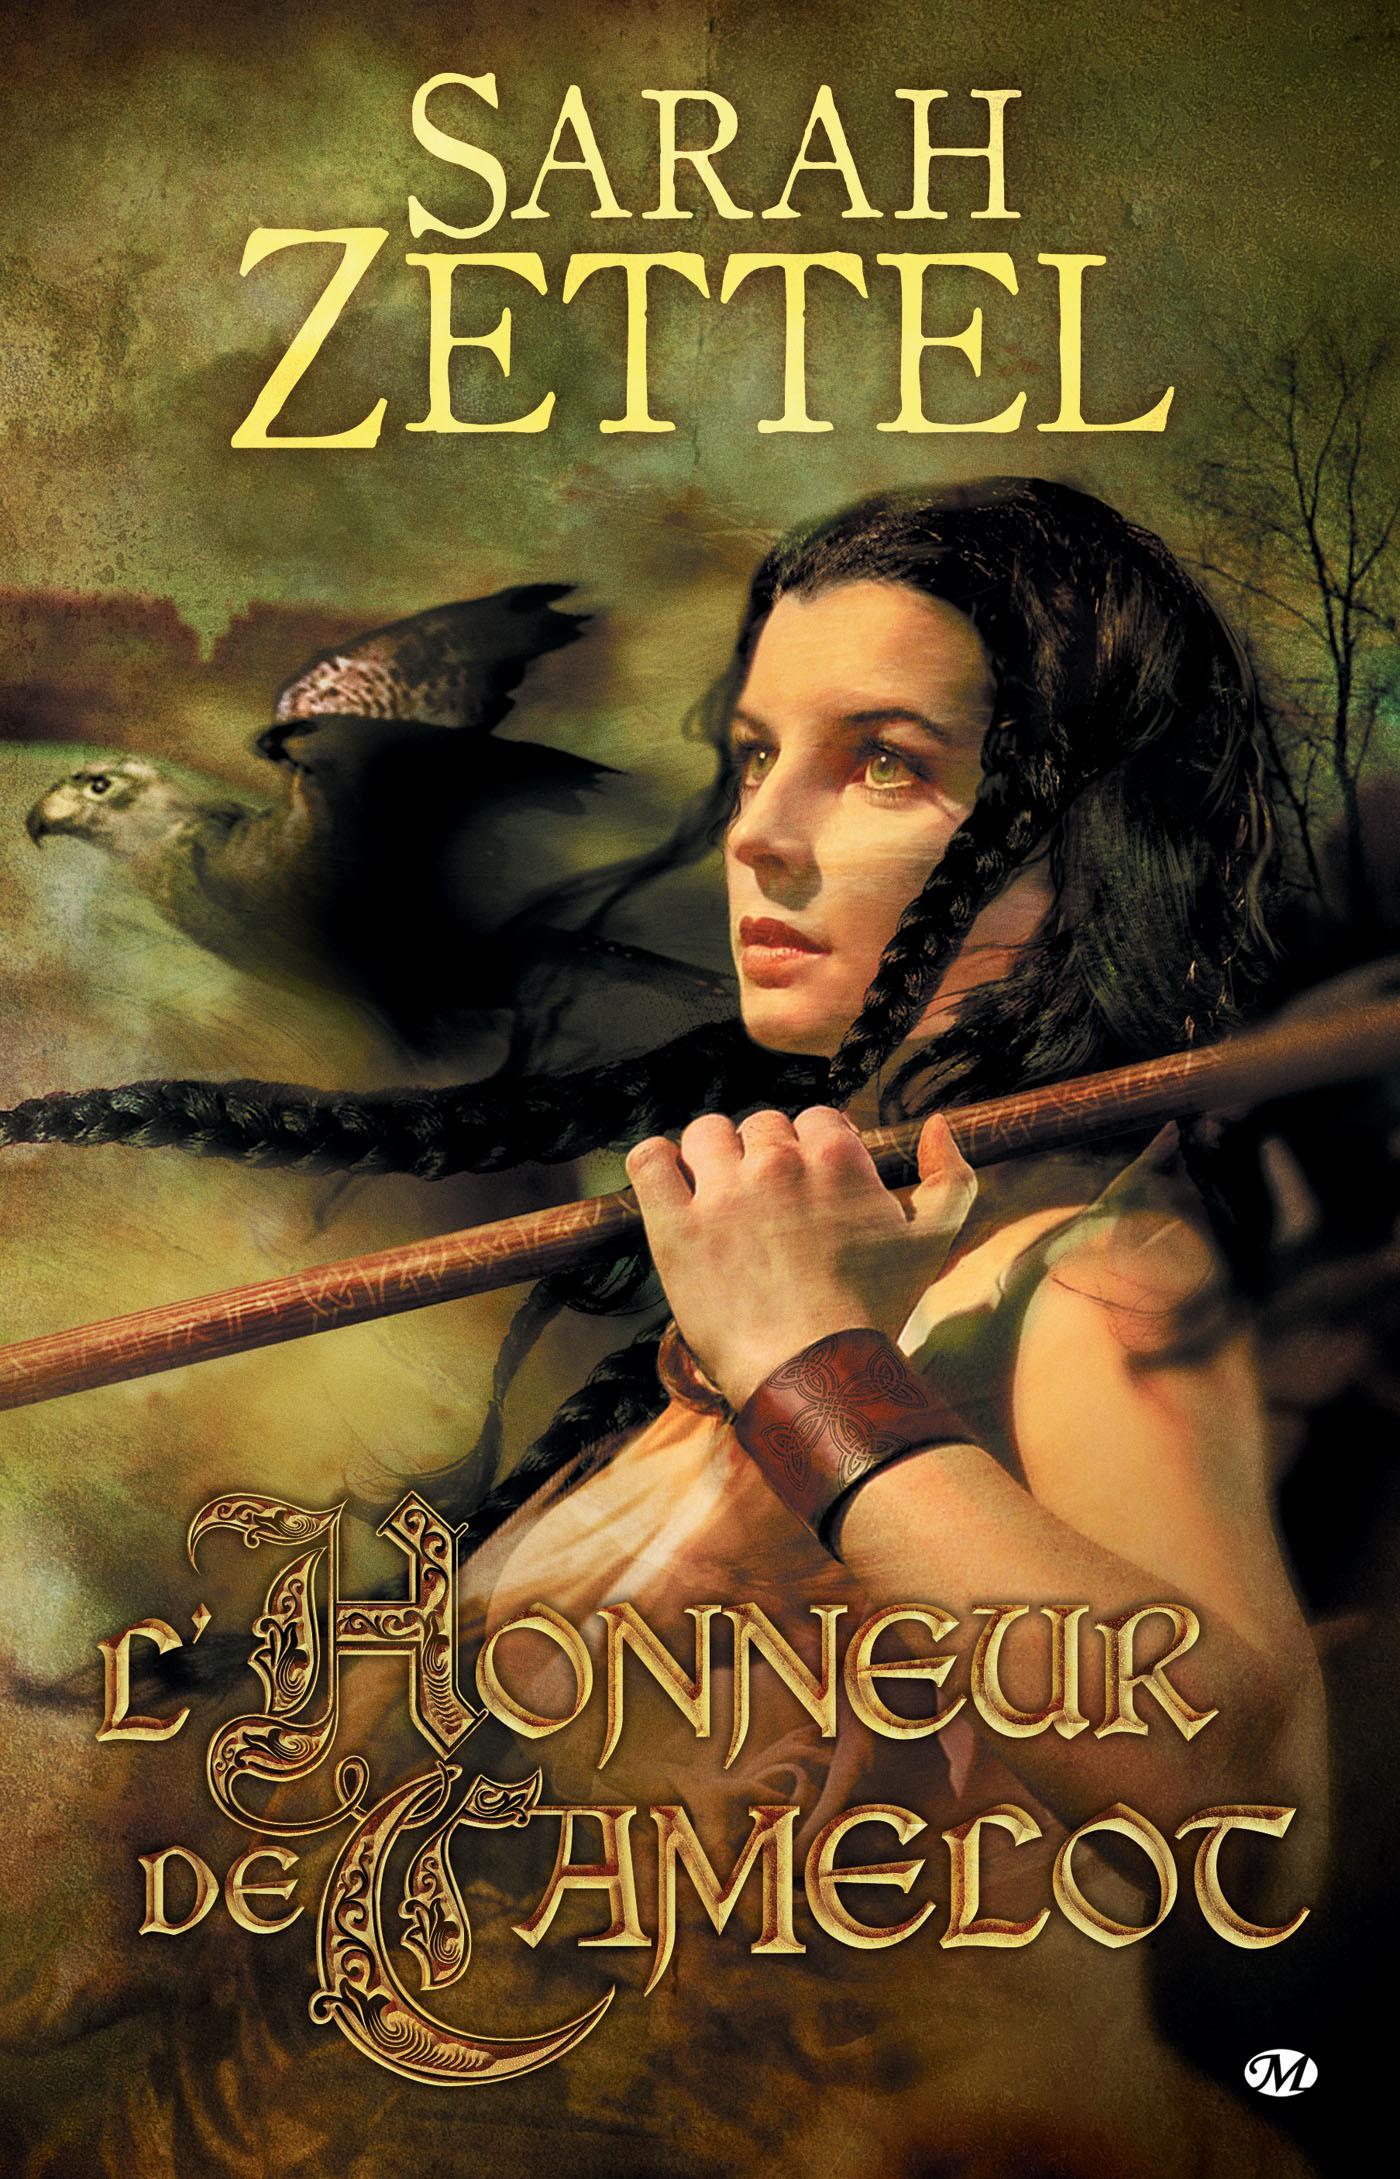 L'Honneur de Camelot, LES CHEMINS DE CAMELOT, T2